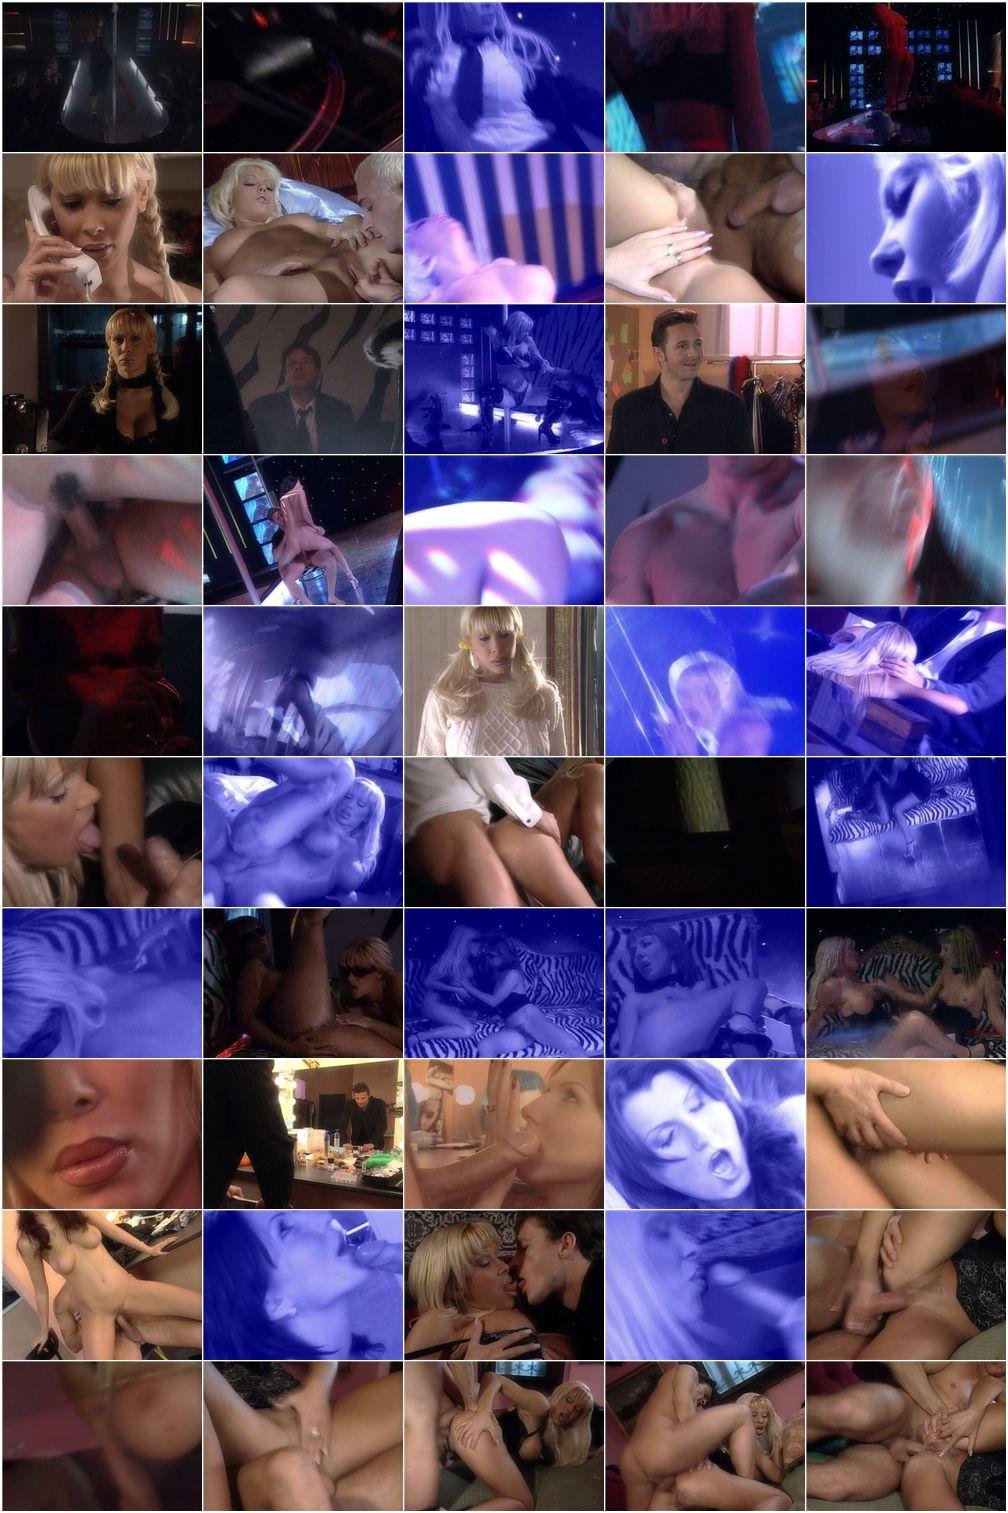 Версия 2002 фильма года скачать вий порно русская